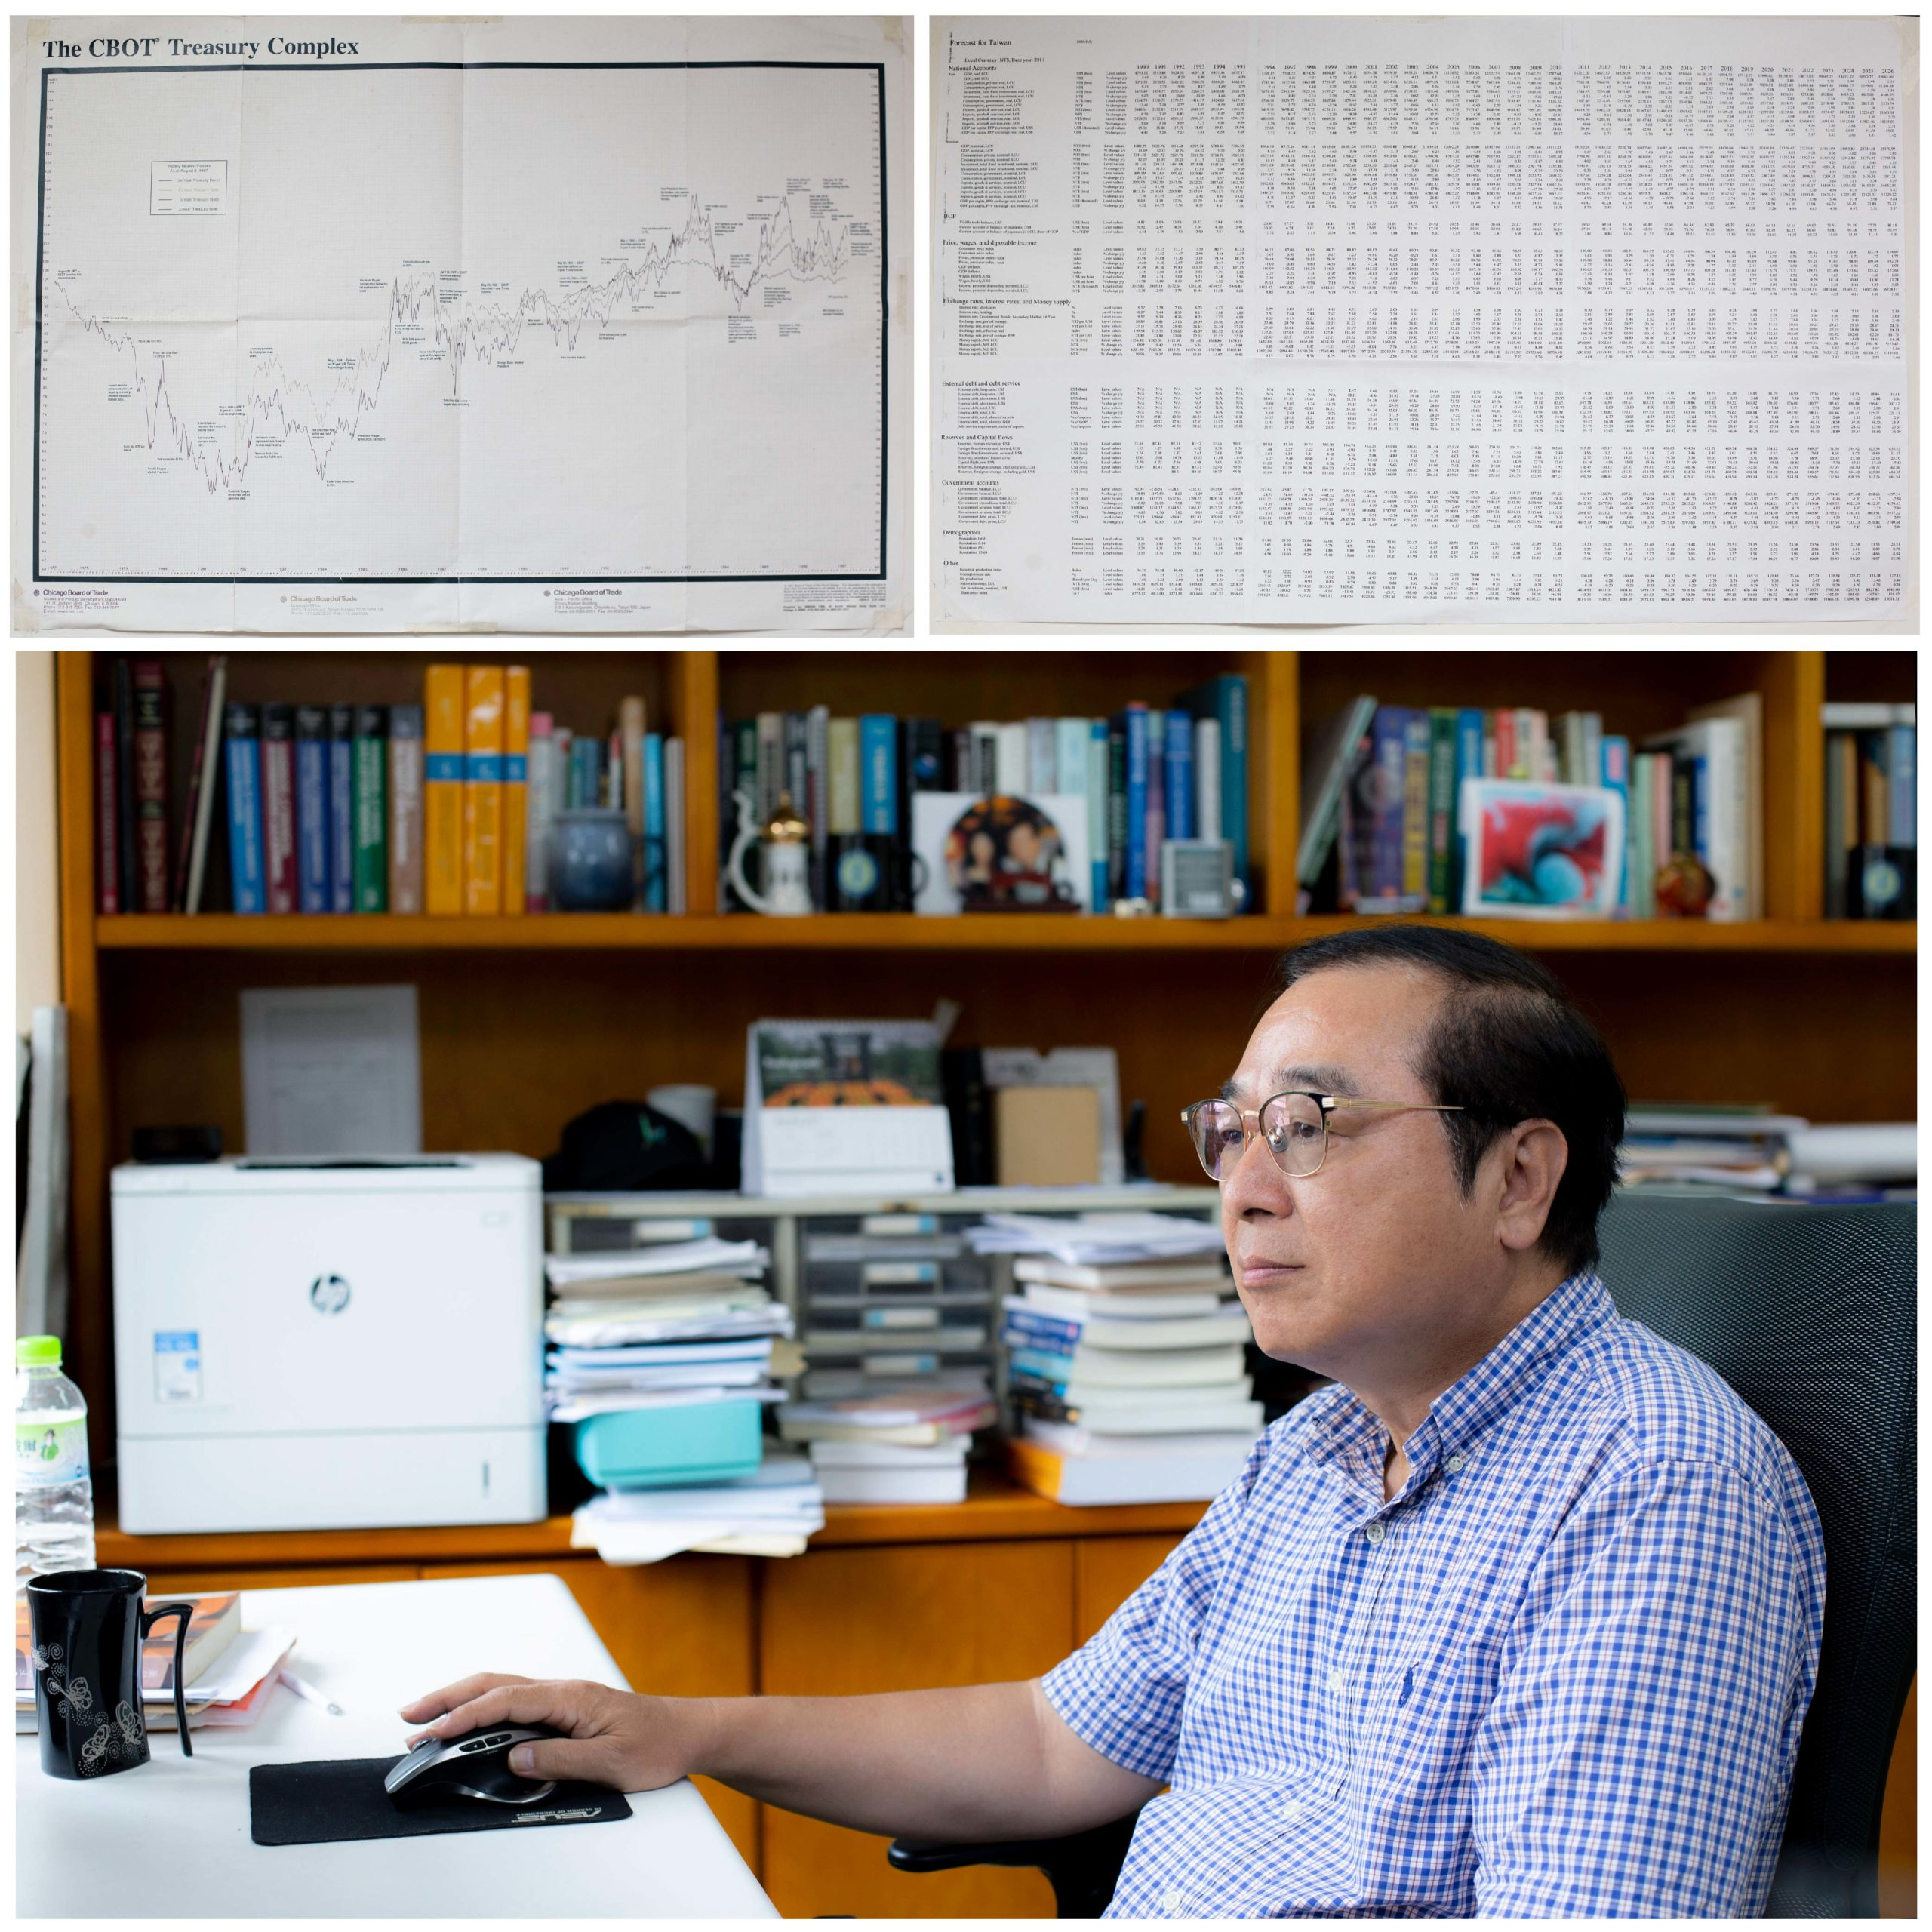 今年剛從研究員退休的周雨田,轉任兼任研究員,繼續為年底的經濟預測努力。走入辦公室,牆上貼著幾張描繪經濟走勢的圖表,一組組書櫃盡是經濟學相關書籍。每年影響台灣重大經濟政策、商業發展的報告,就出自這間看似尋常的研究室。圖│研之有物